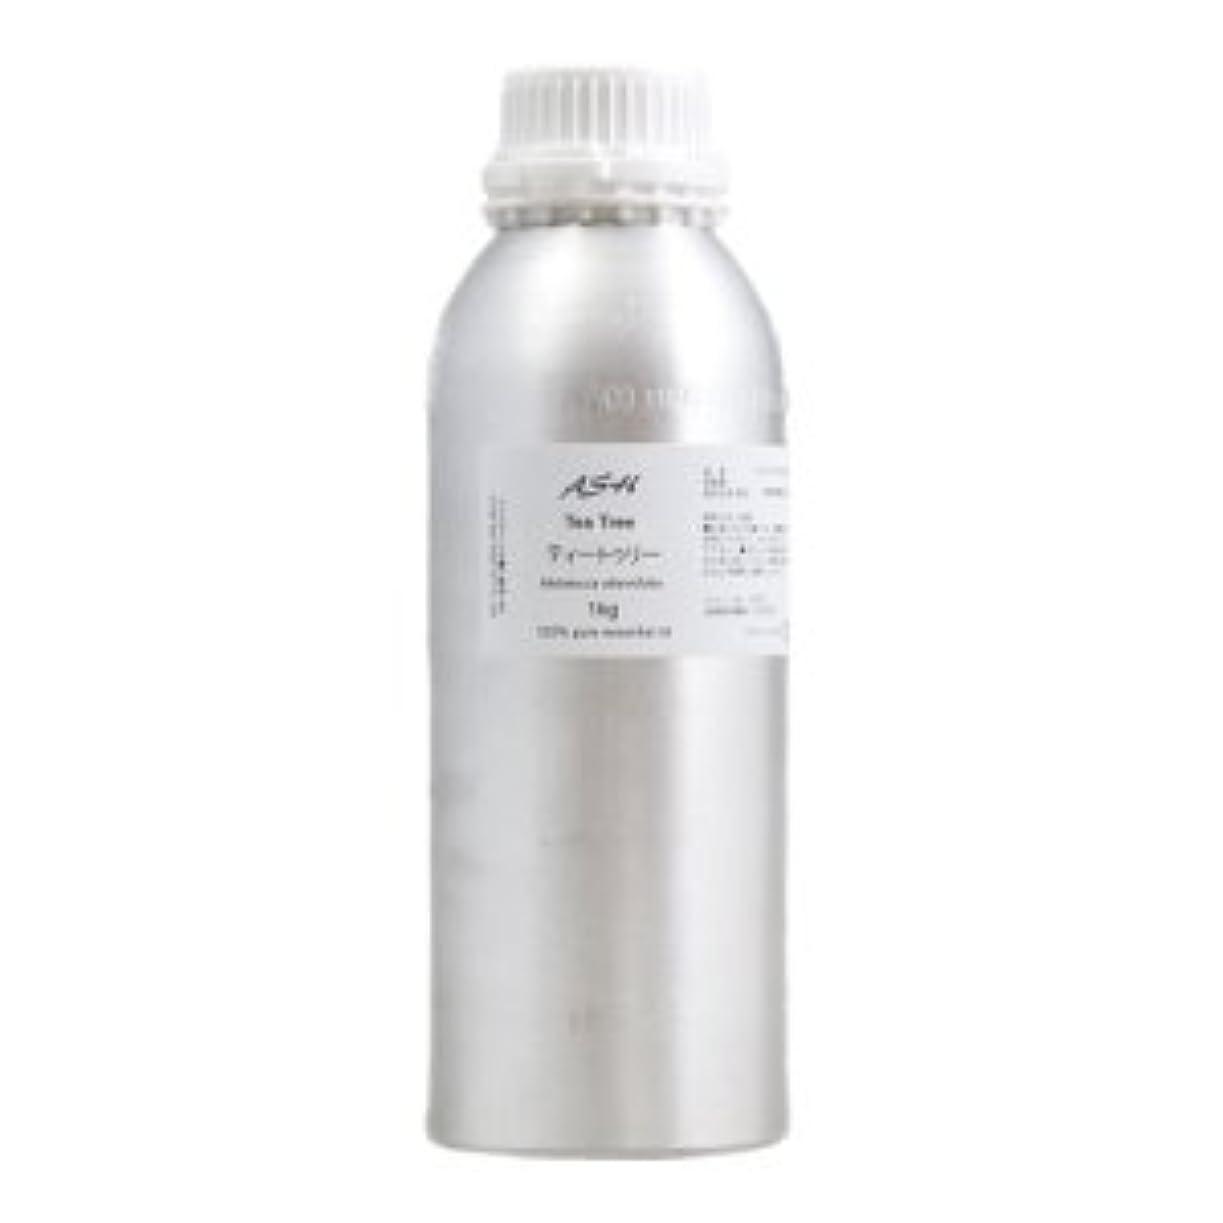 メッセンジャー眠るオーガニックASH ティートゥリー (ティーツリー) エッセンシャルオイル 業務用1kg AEAJ表示基準適合認定精油